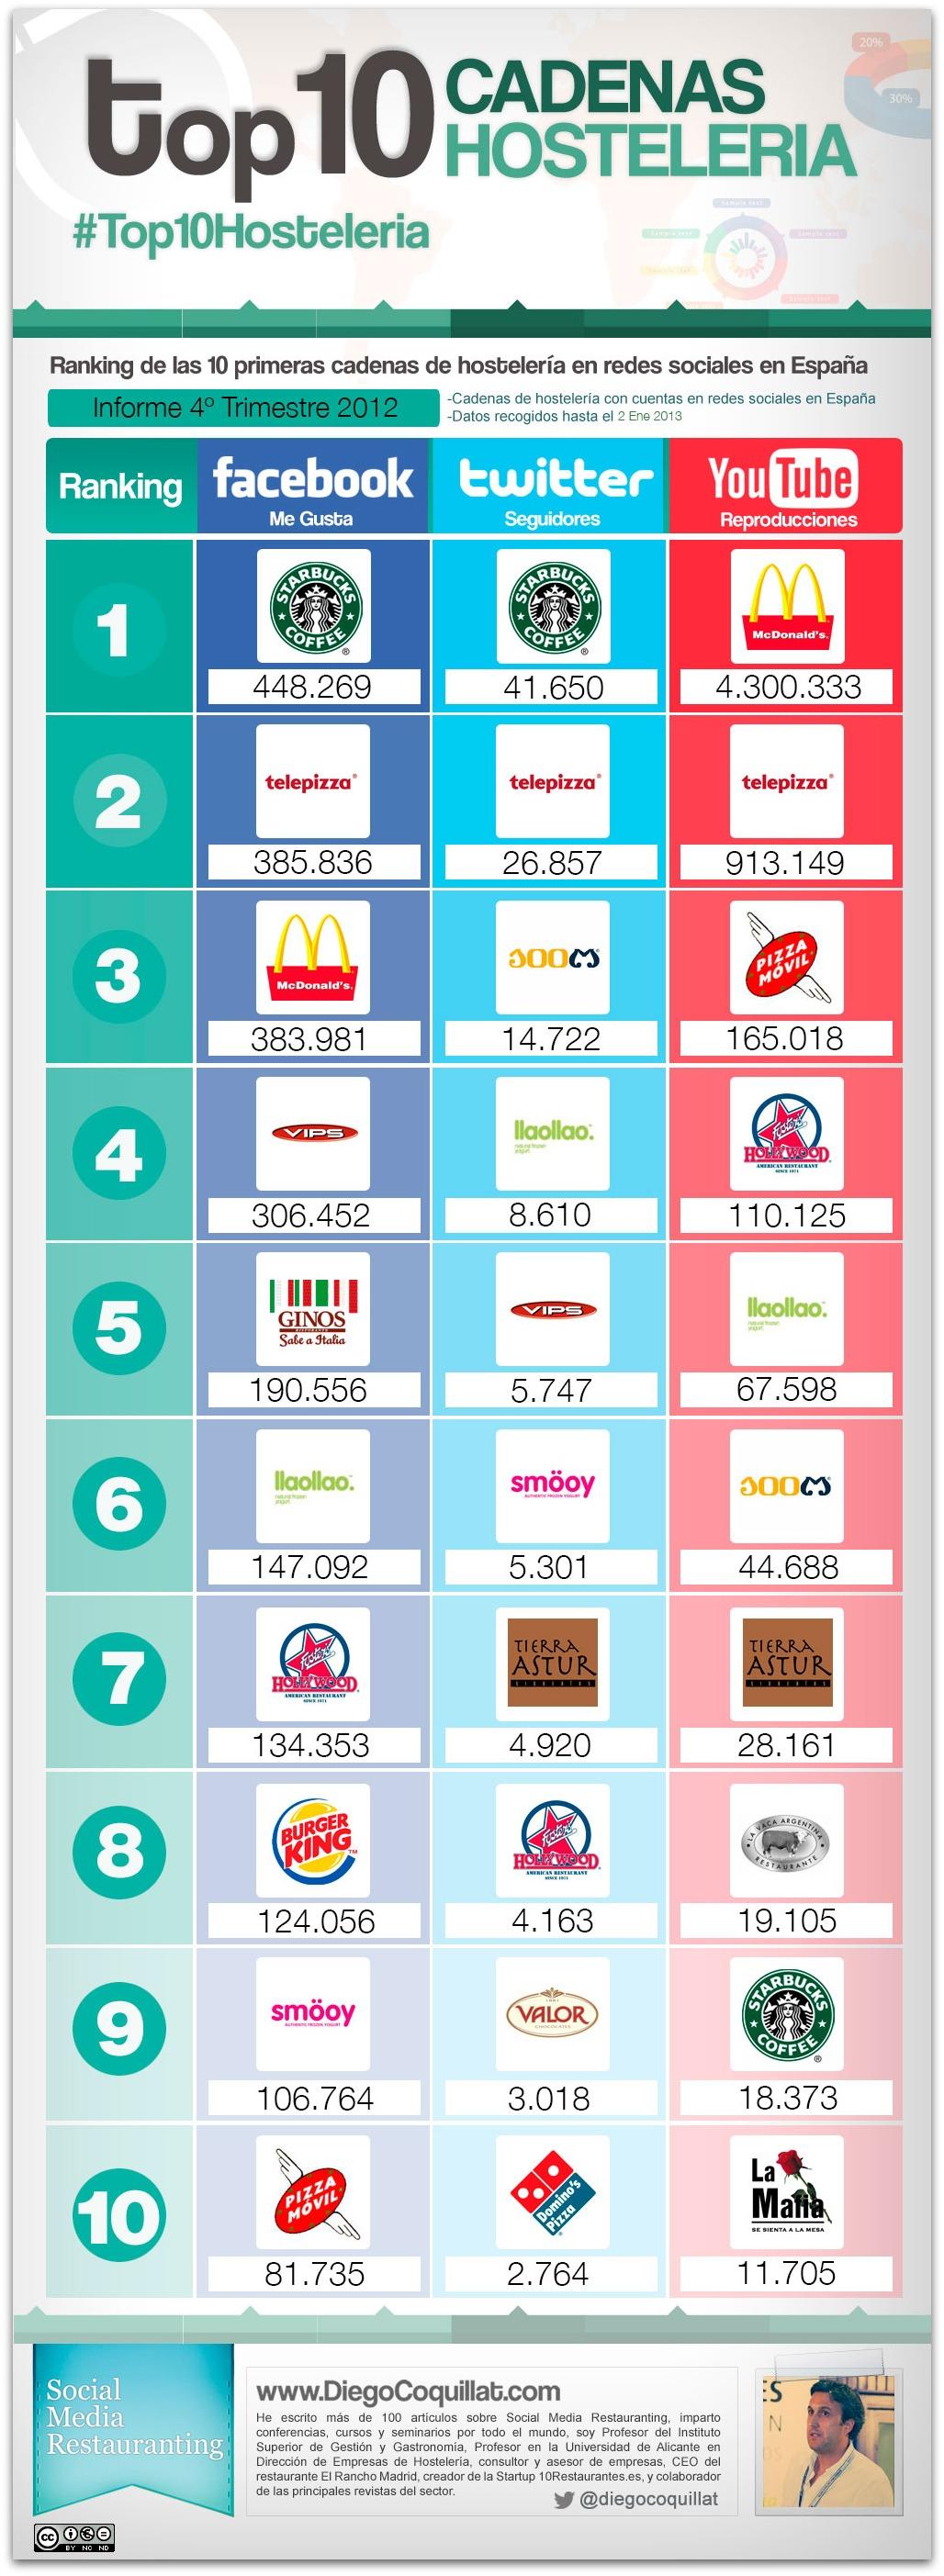 Ranking de las 10 mejores cadenas de hostelería en España en 2012